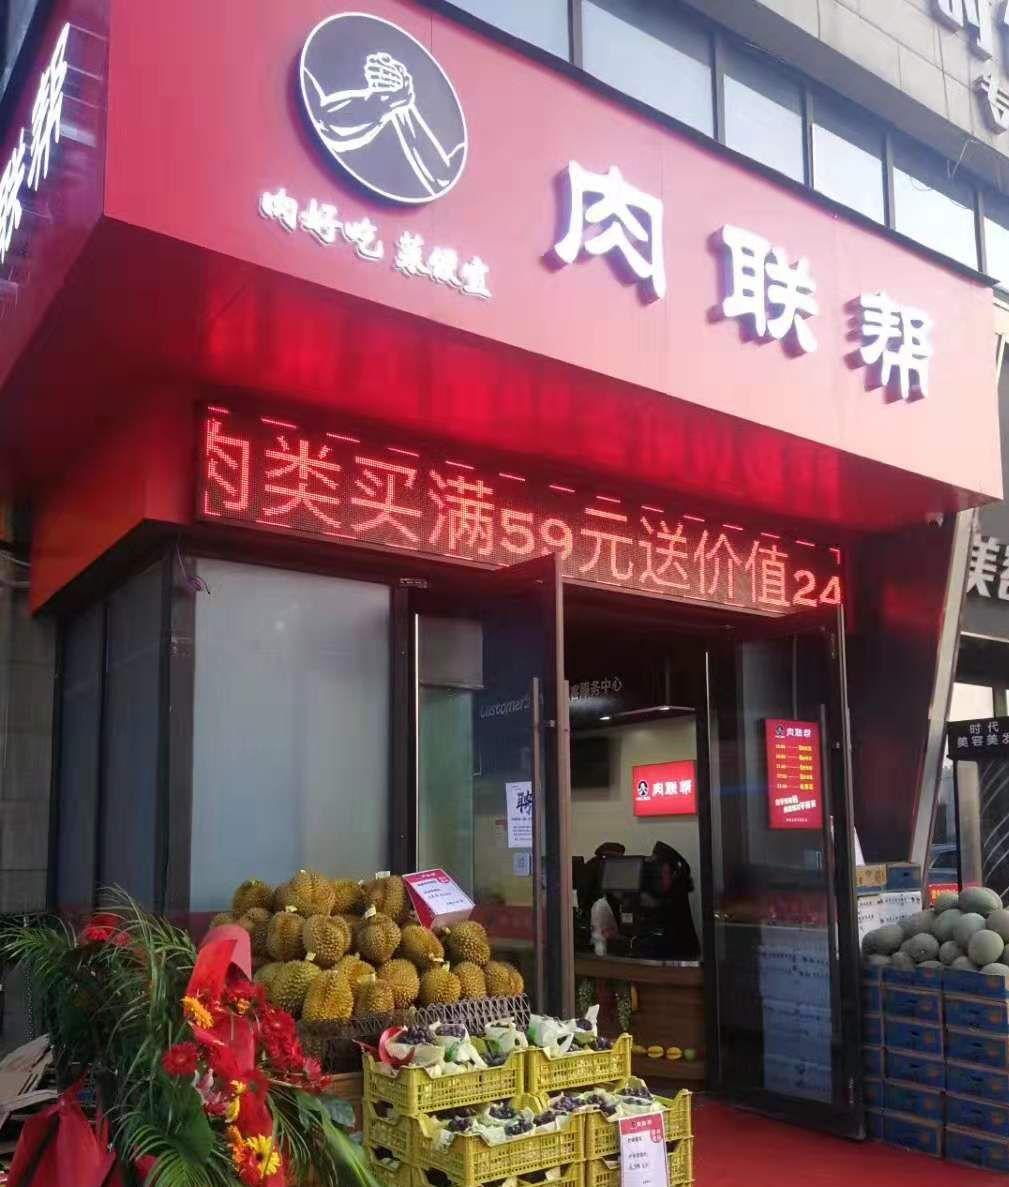 肉联帮获美团投资将开两千家店,发力江浙,试水店中店图片